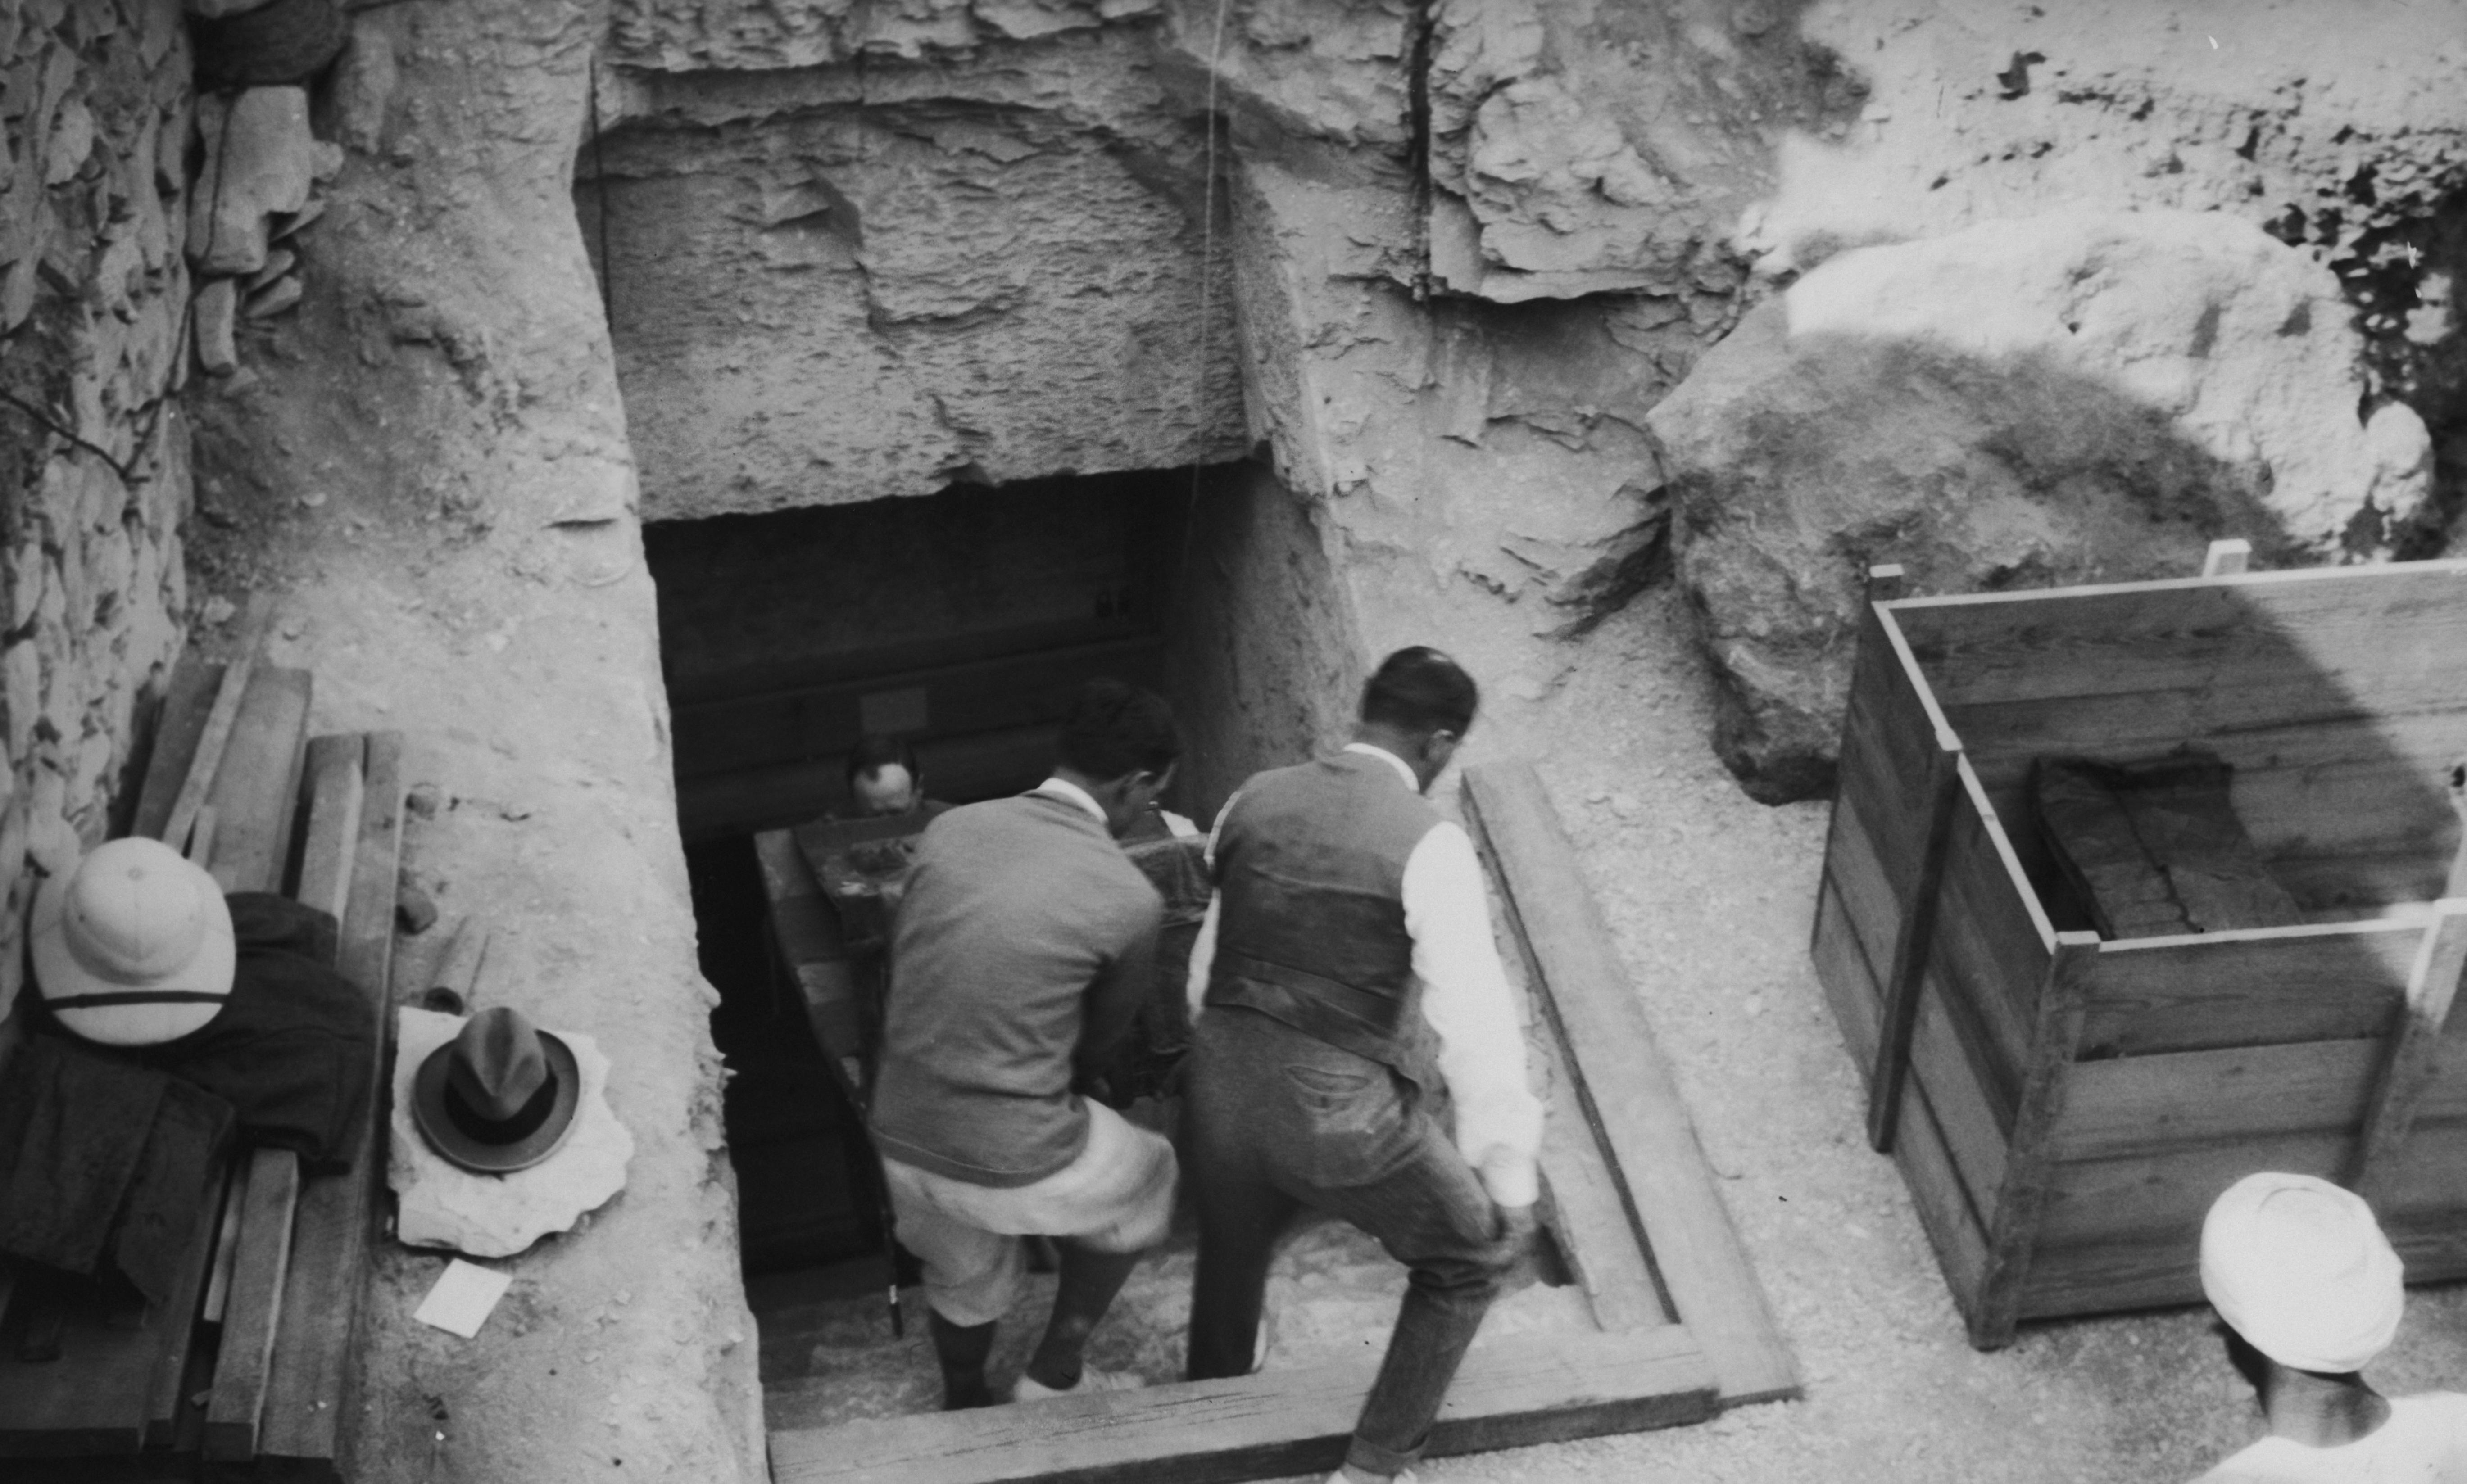 Младият фараон става едва ли не най-известният владетел на Древен Египет след откриването на гробницата му, макар че не е оставил забележима следа в своето управление.